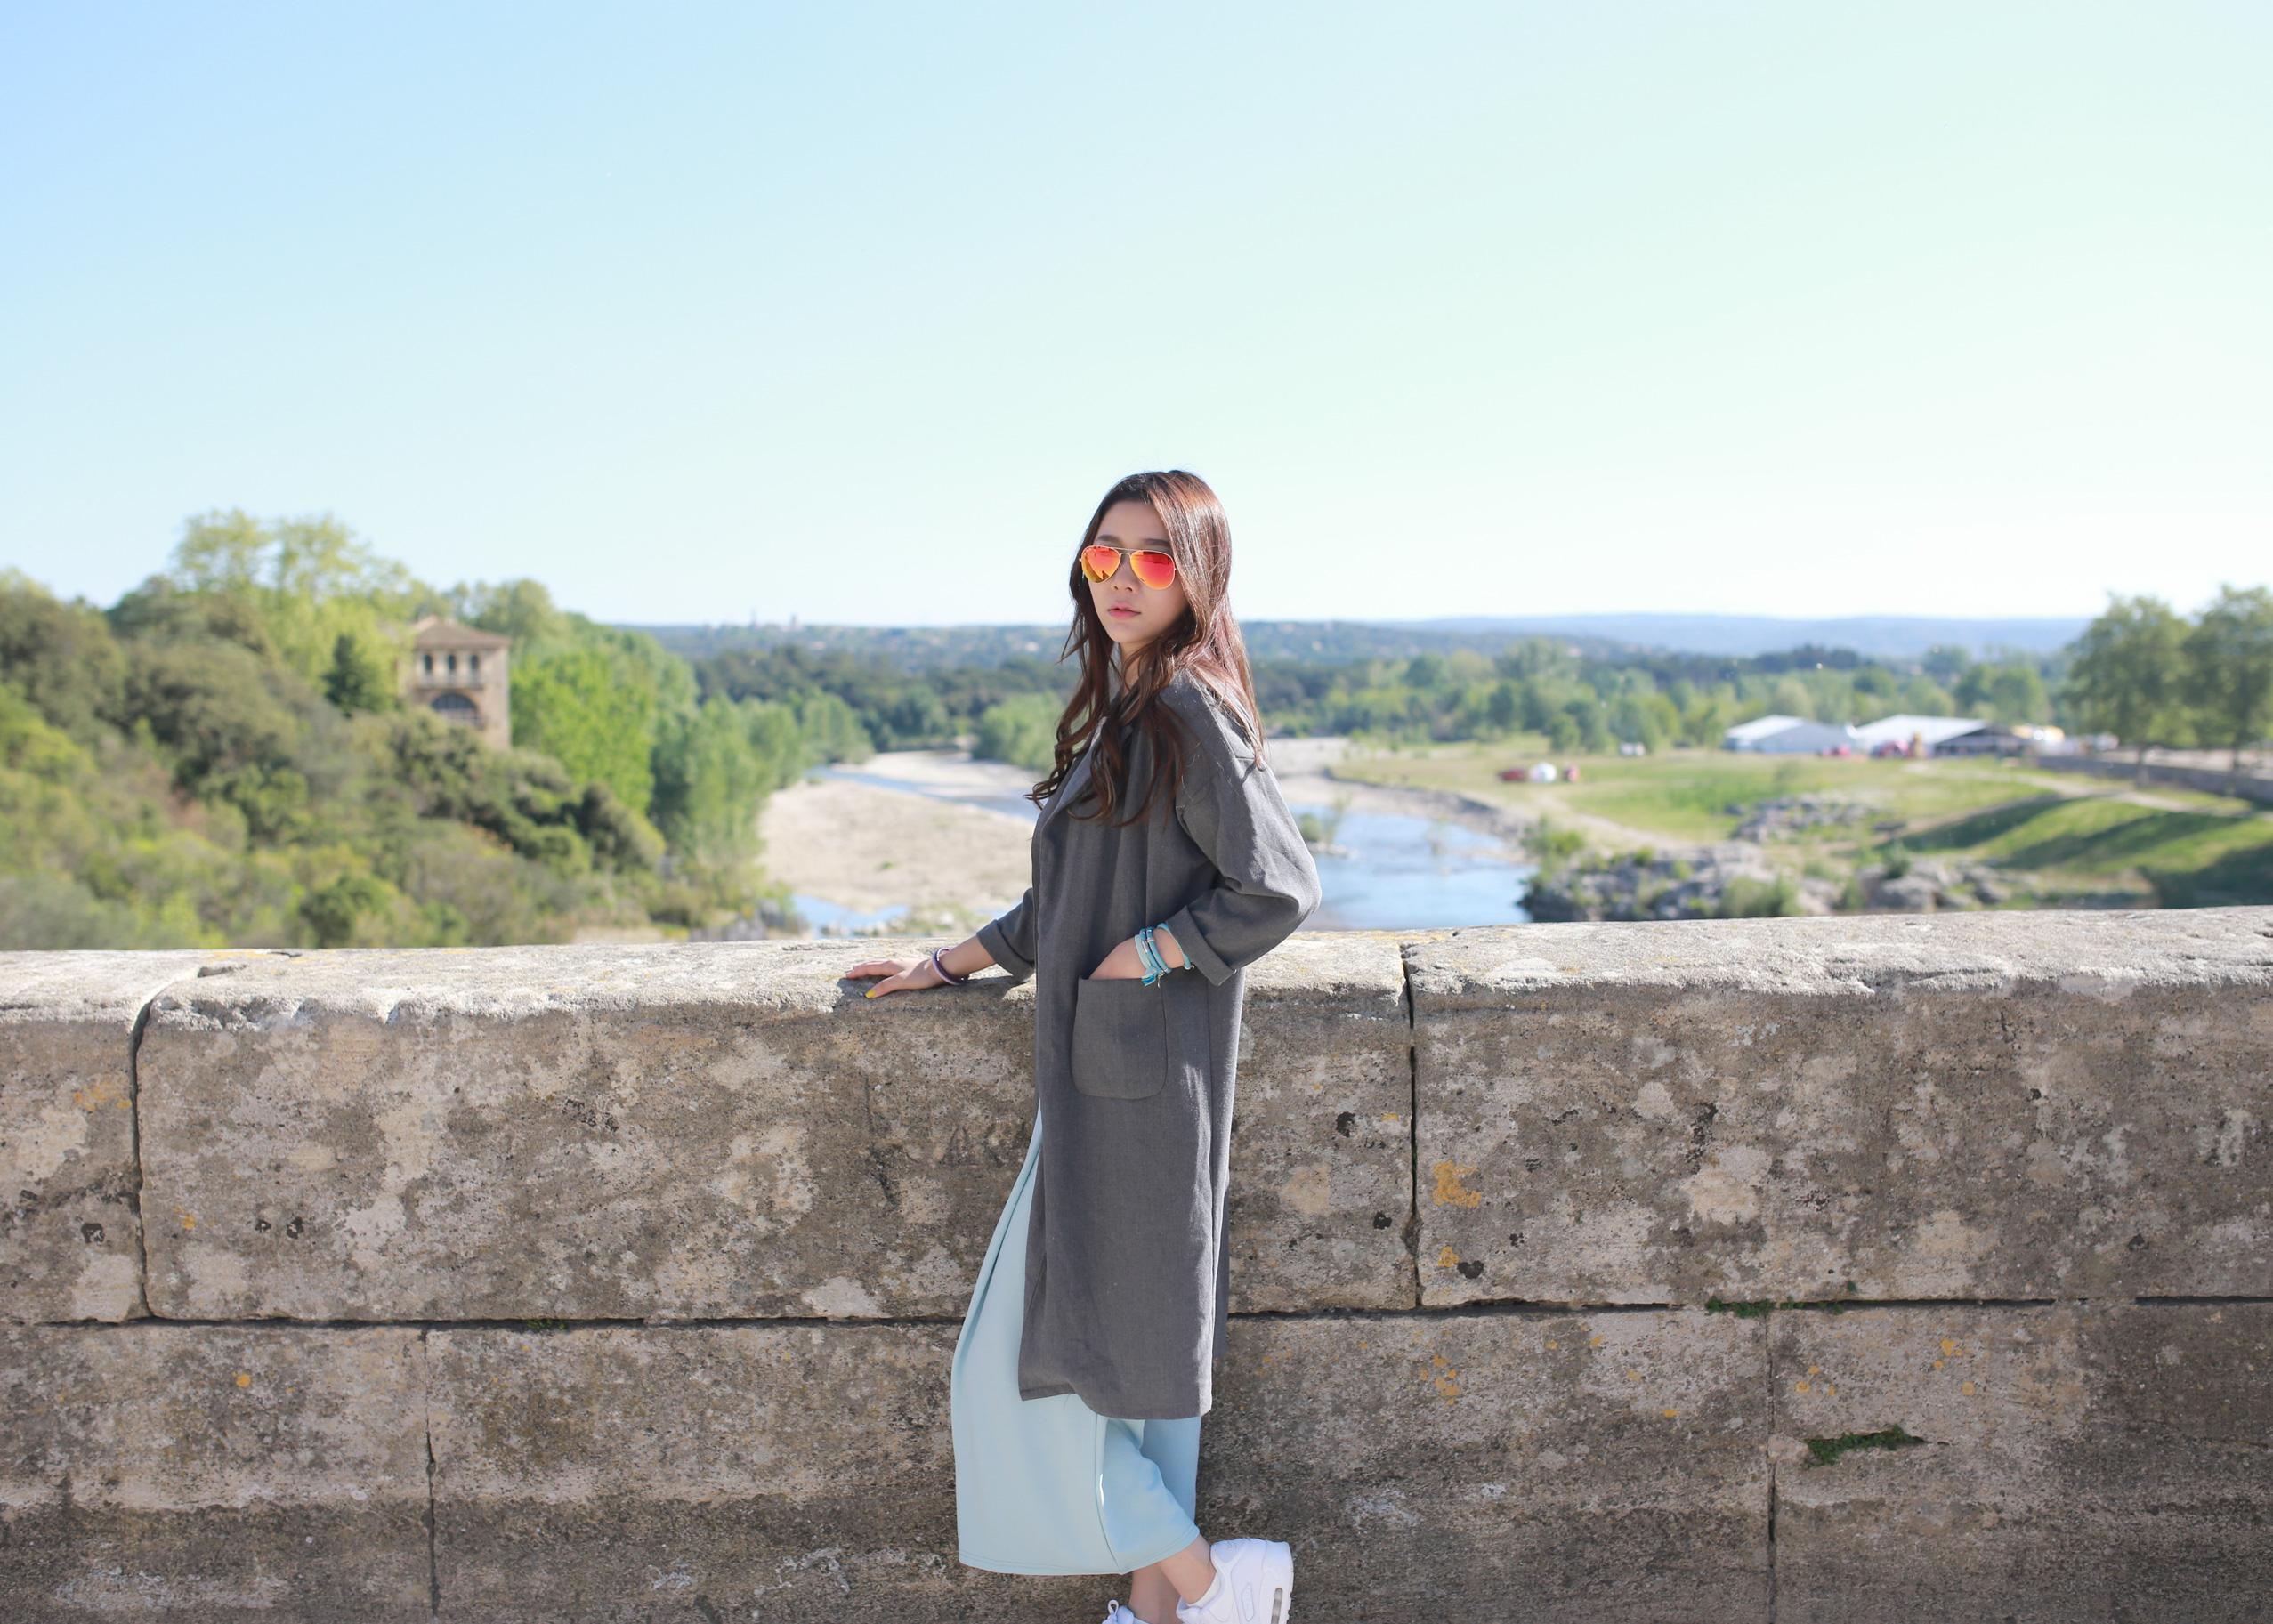 【穿搭】前往歐洲旅遊的洋蔥式穿著。重複穿搭‧下 @ 露易絲♥夢遊仙境 :: 痞客邦